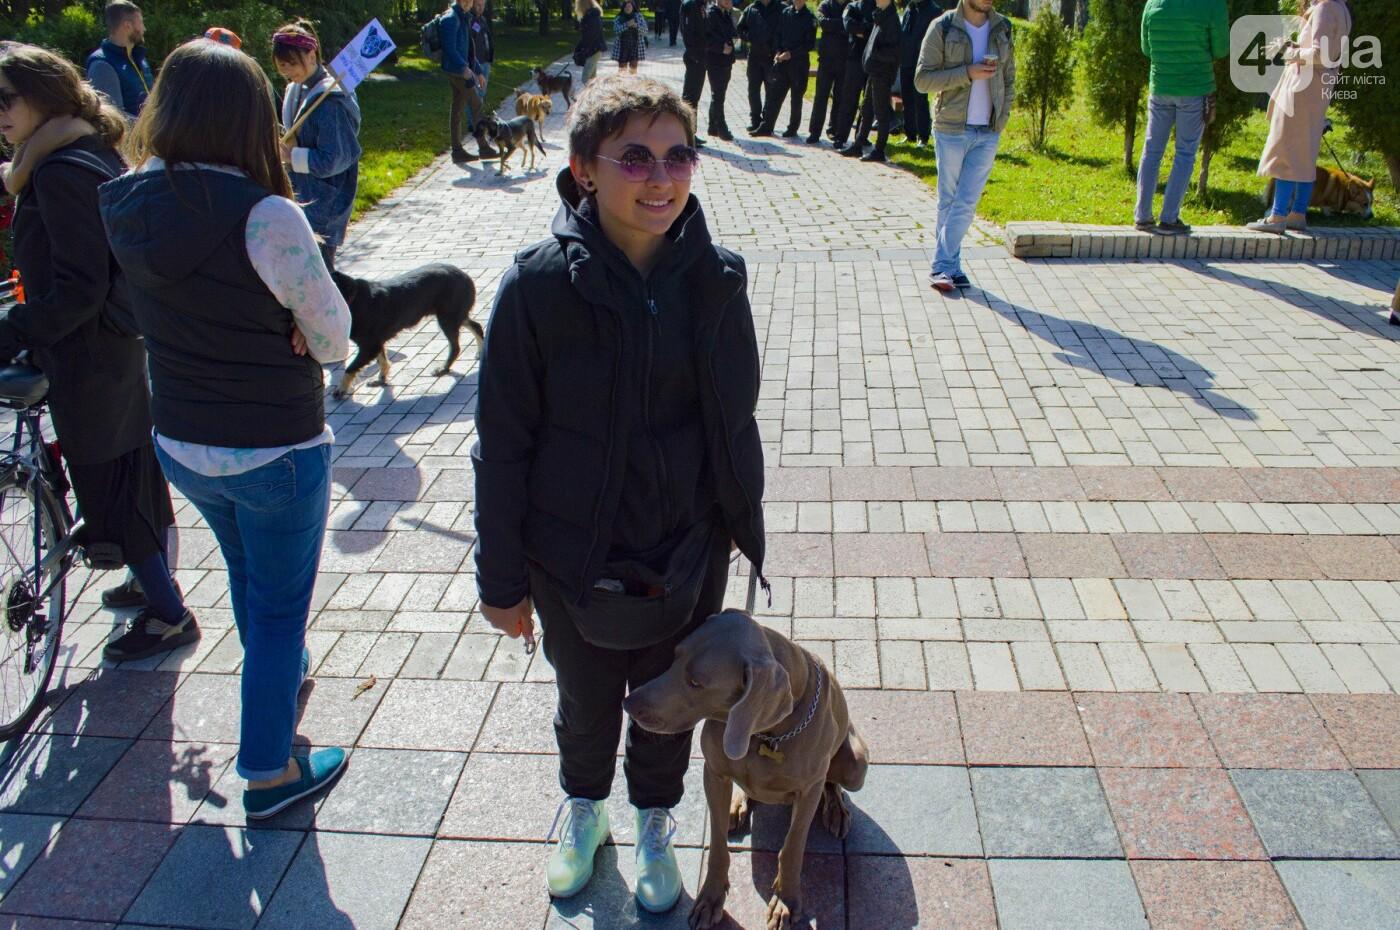 Собаки, коты и хомячки: в Киеве прошла акция за права животных, - ФОТОРЕПОРТАЖ, фото-28